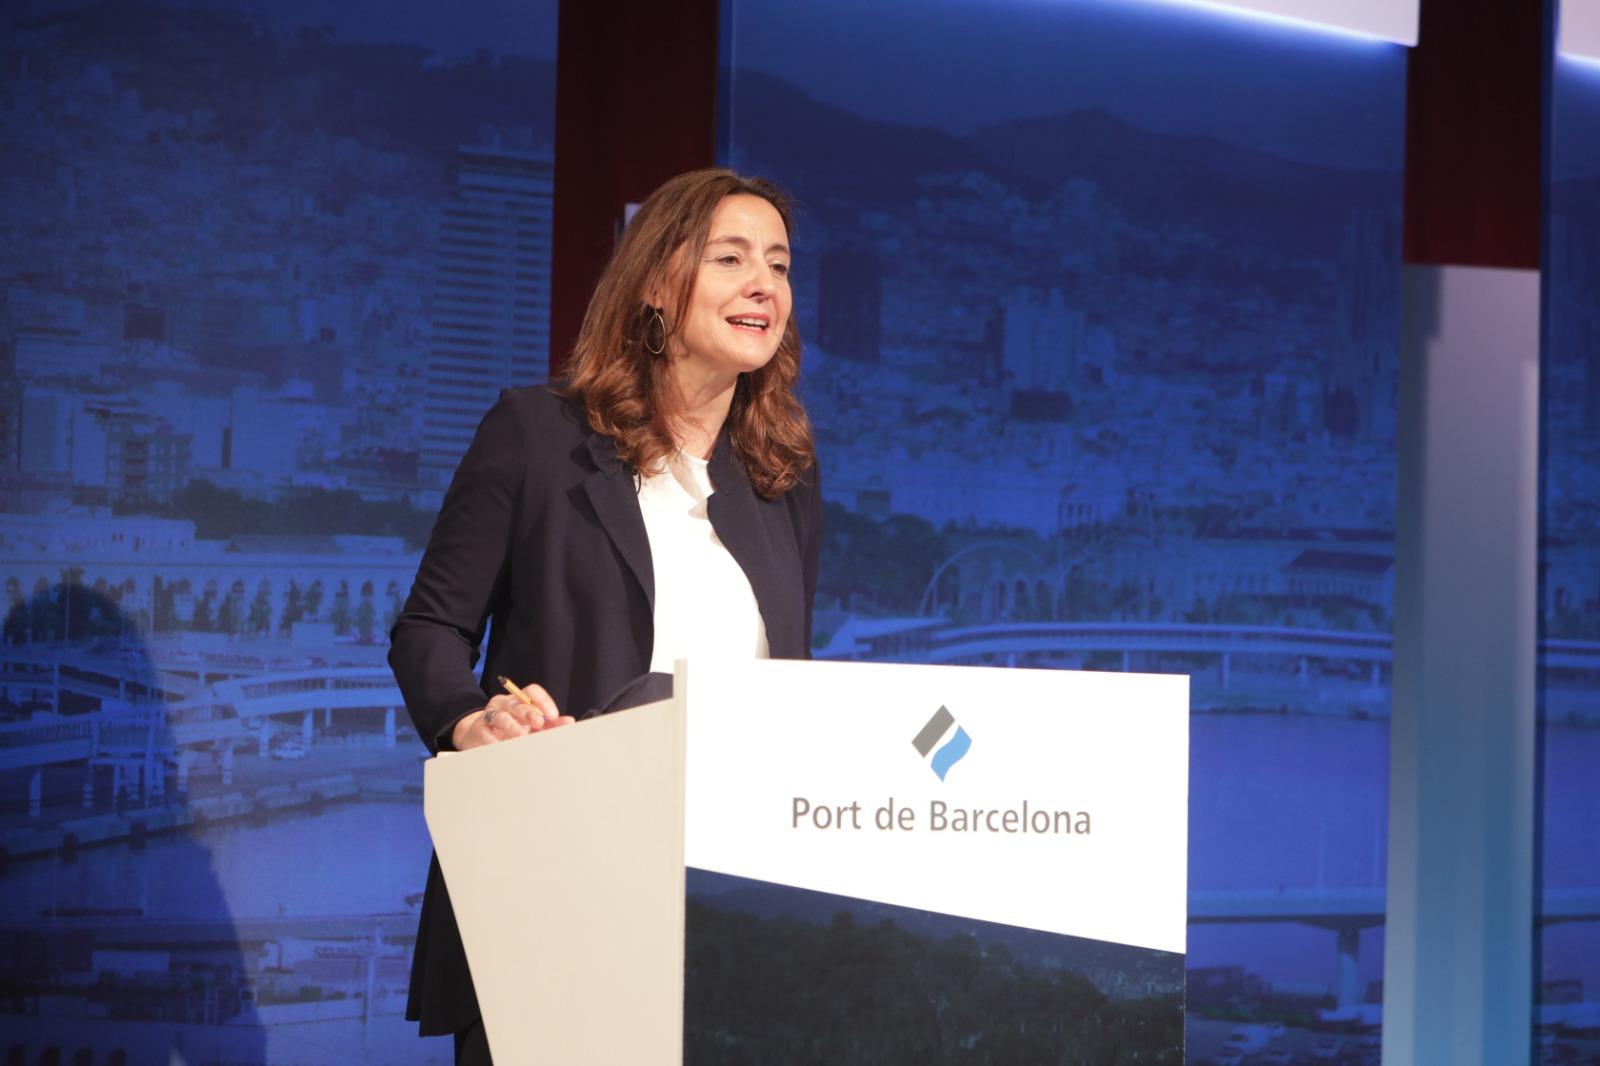 El Puerto de Barcelona prevé aumentar a 70.000 millones el valor de la mercancía en comercio exterior